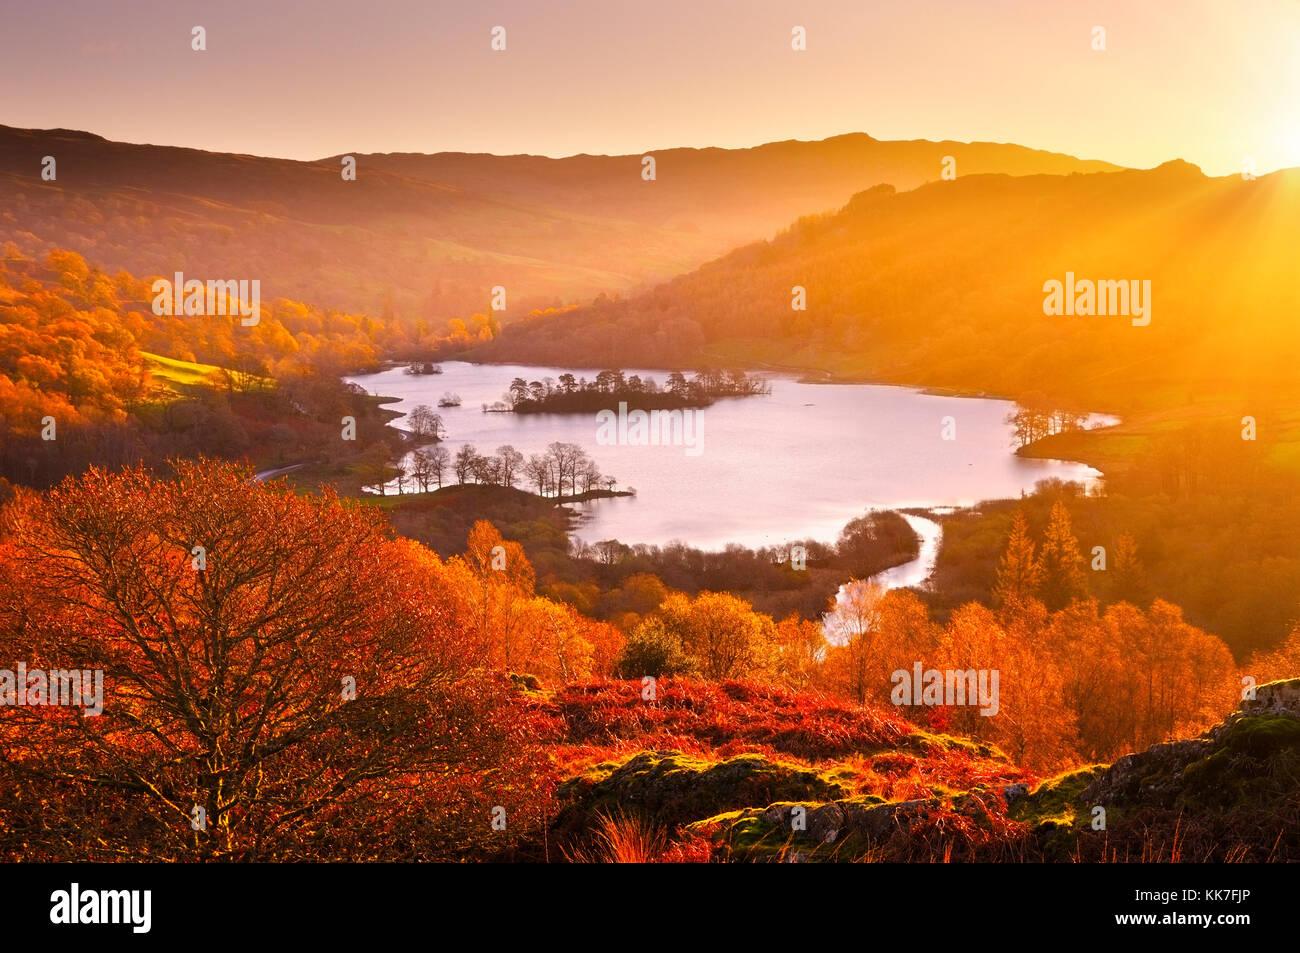 Rydal Wasser bei Sonnenaufgang, Lake District, England. Ansicht mit Blick auf den schönen See und Herbst Landschaft Stockbild